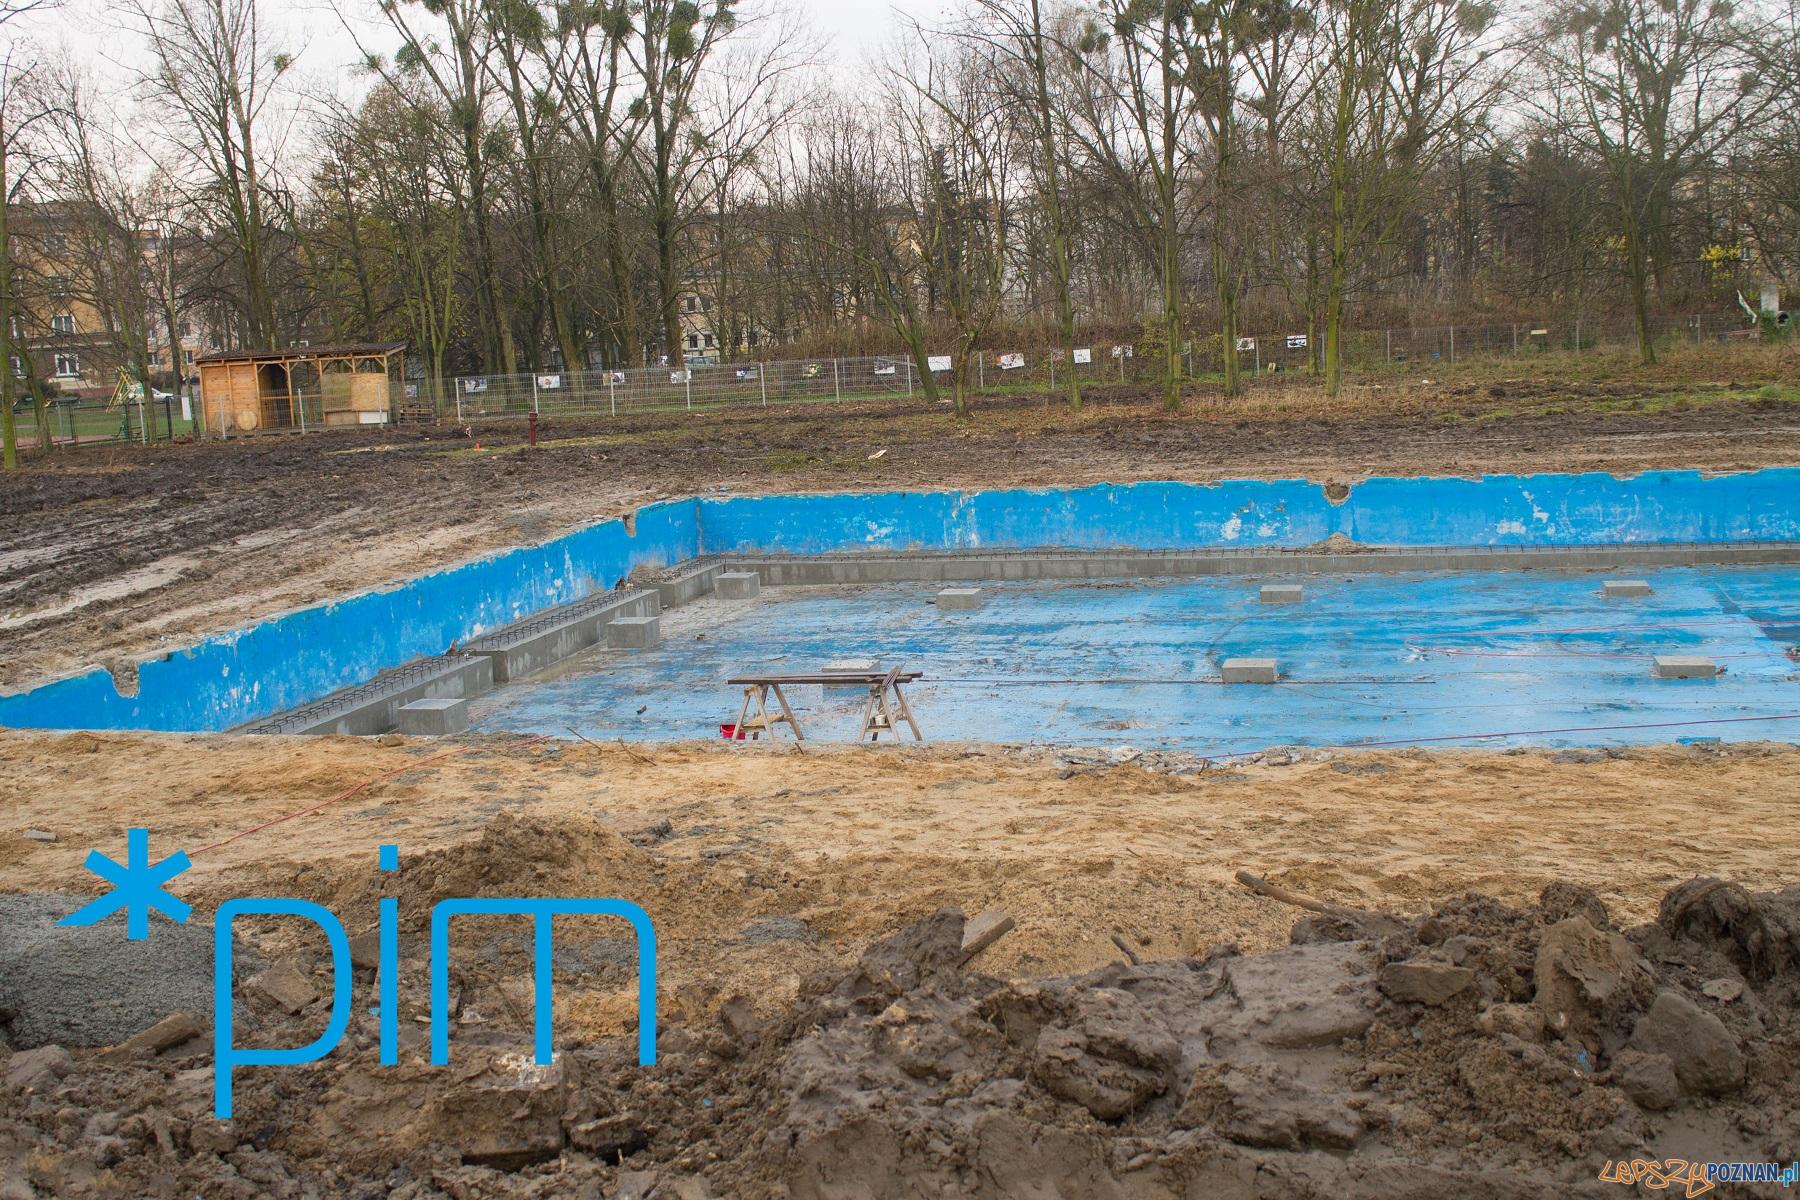 Trwa remont pływalni w parku Kasprowicza  Foto: PIM